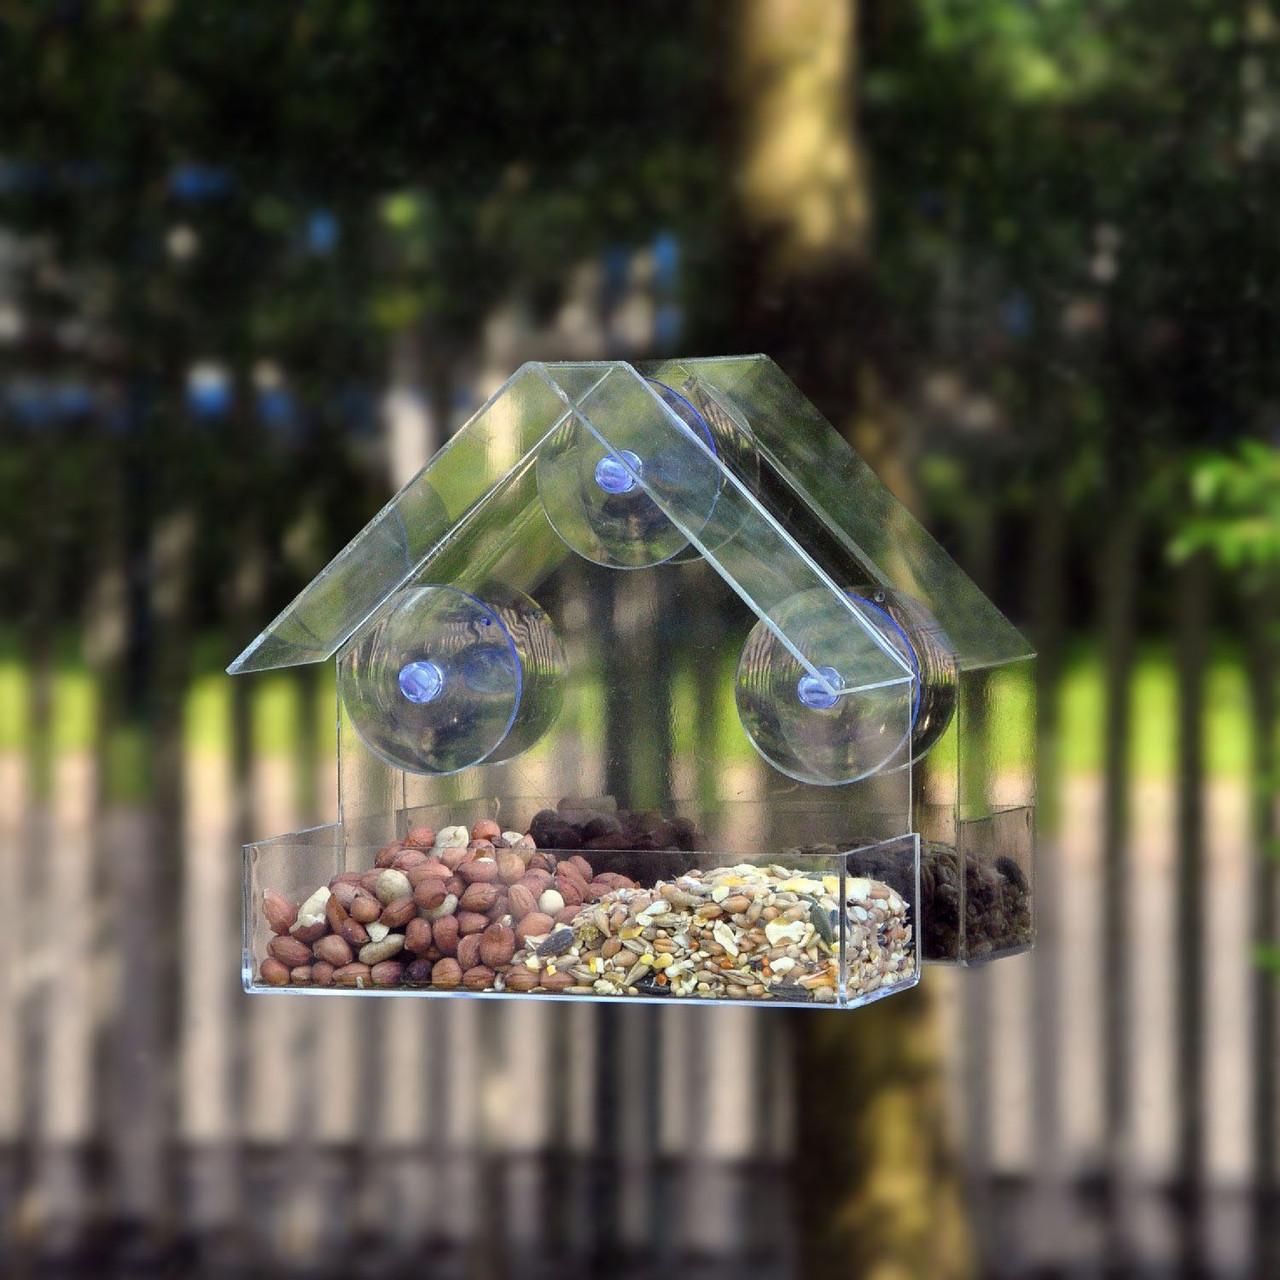 Honana HG-BF1 Gradening Transparent Bird Feeder Качество Акриловый декоративный фидер для птиц - ➊TopShop ➠ Товары из Китая с бесплатной доставкой в Украину! в Днепре